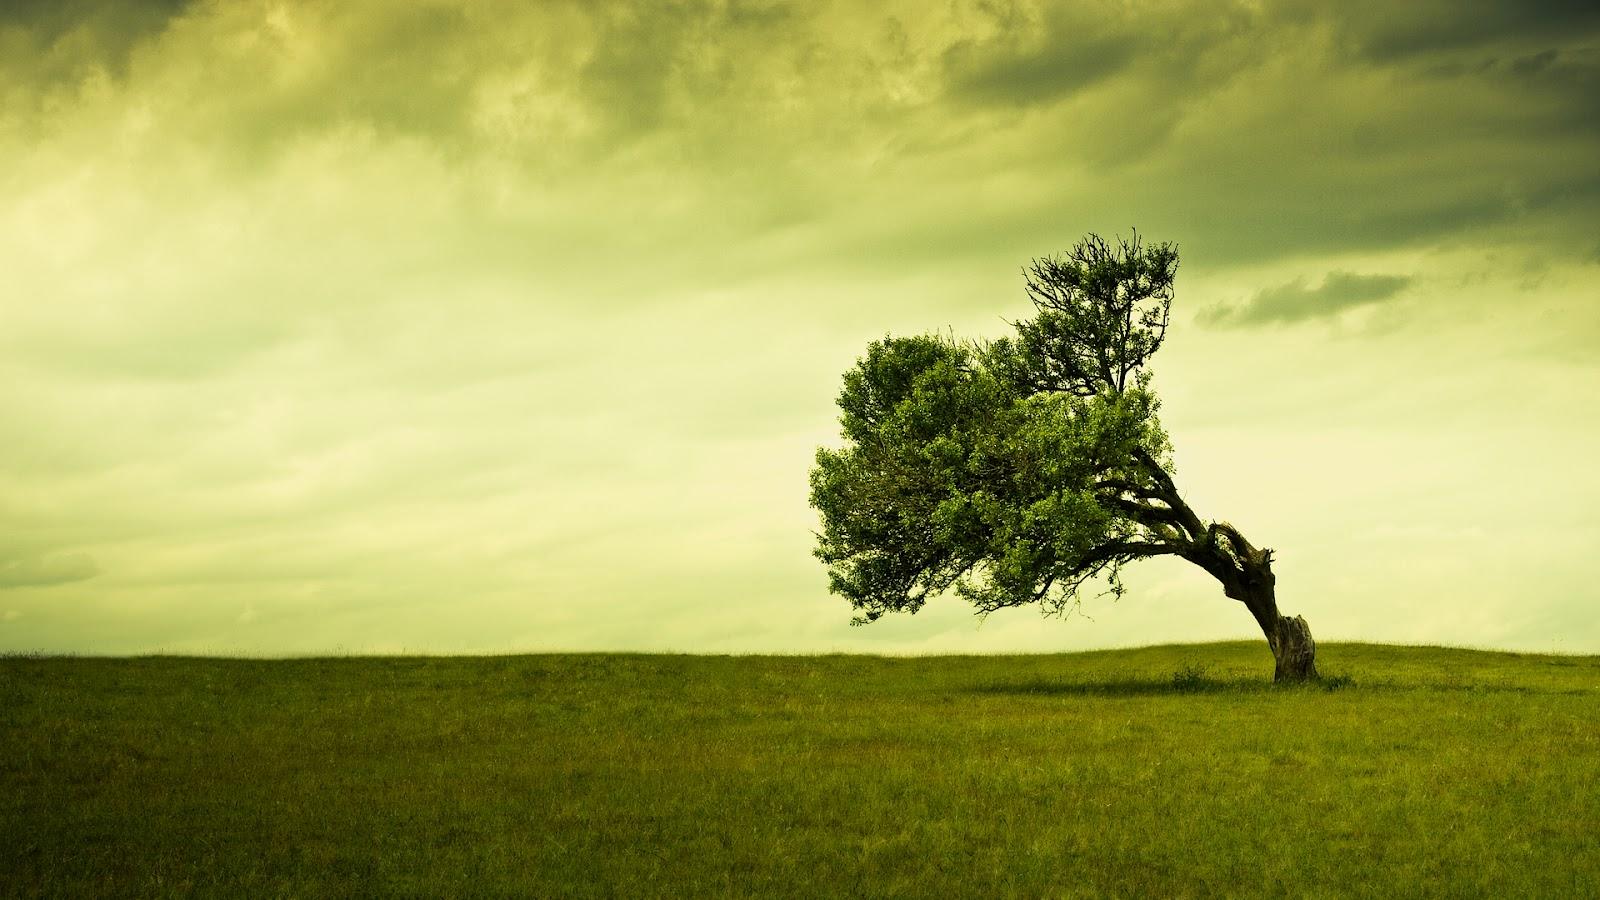 http://1.bp.blogspot.com/-3i47her62Cg/T_jmp5e9NOI/AAAAAAAAAKc/q1Y9mVLkMt0/s1600/green-grass-tree-beautiful-nature-pictures-wallpapers-for-laptop-desktop-widescreen.jpg